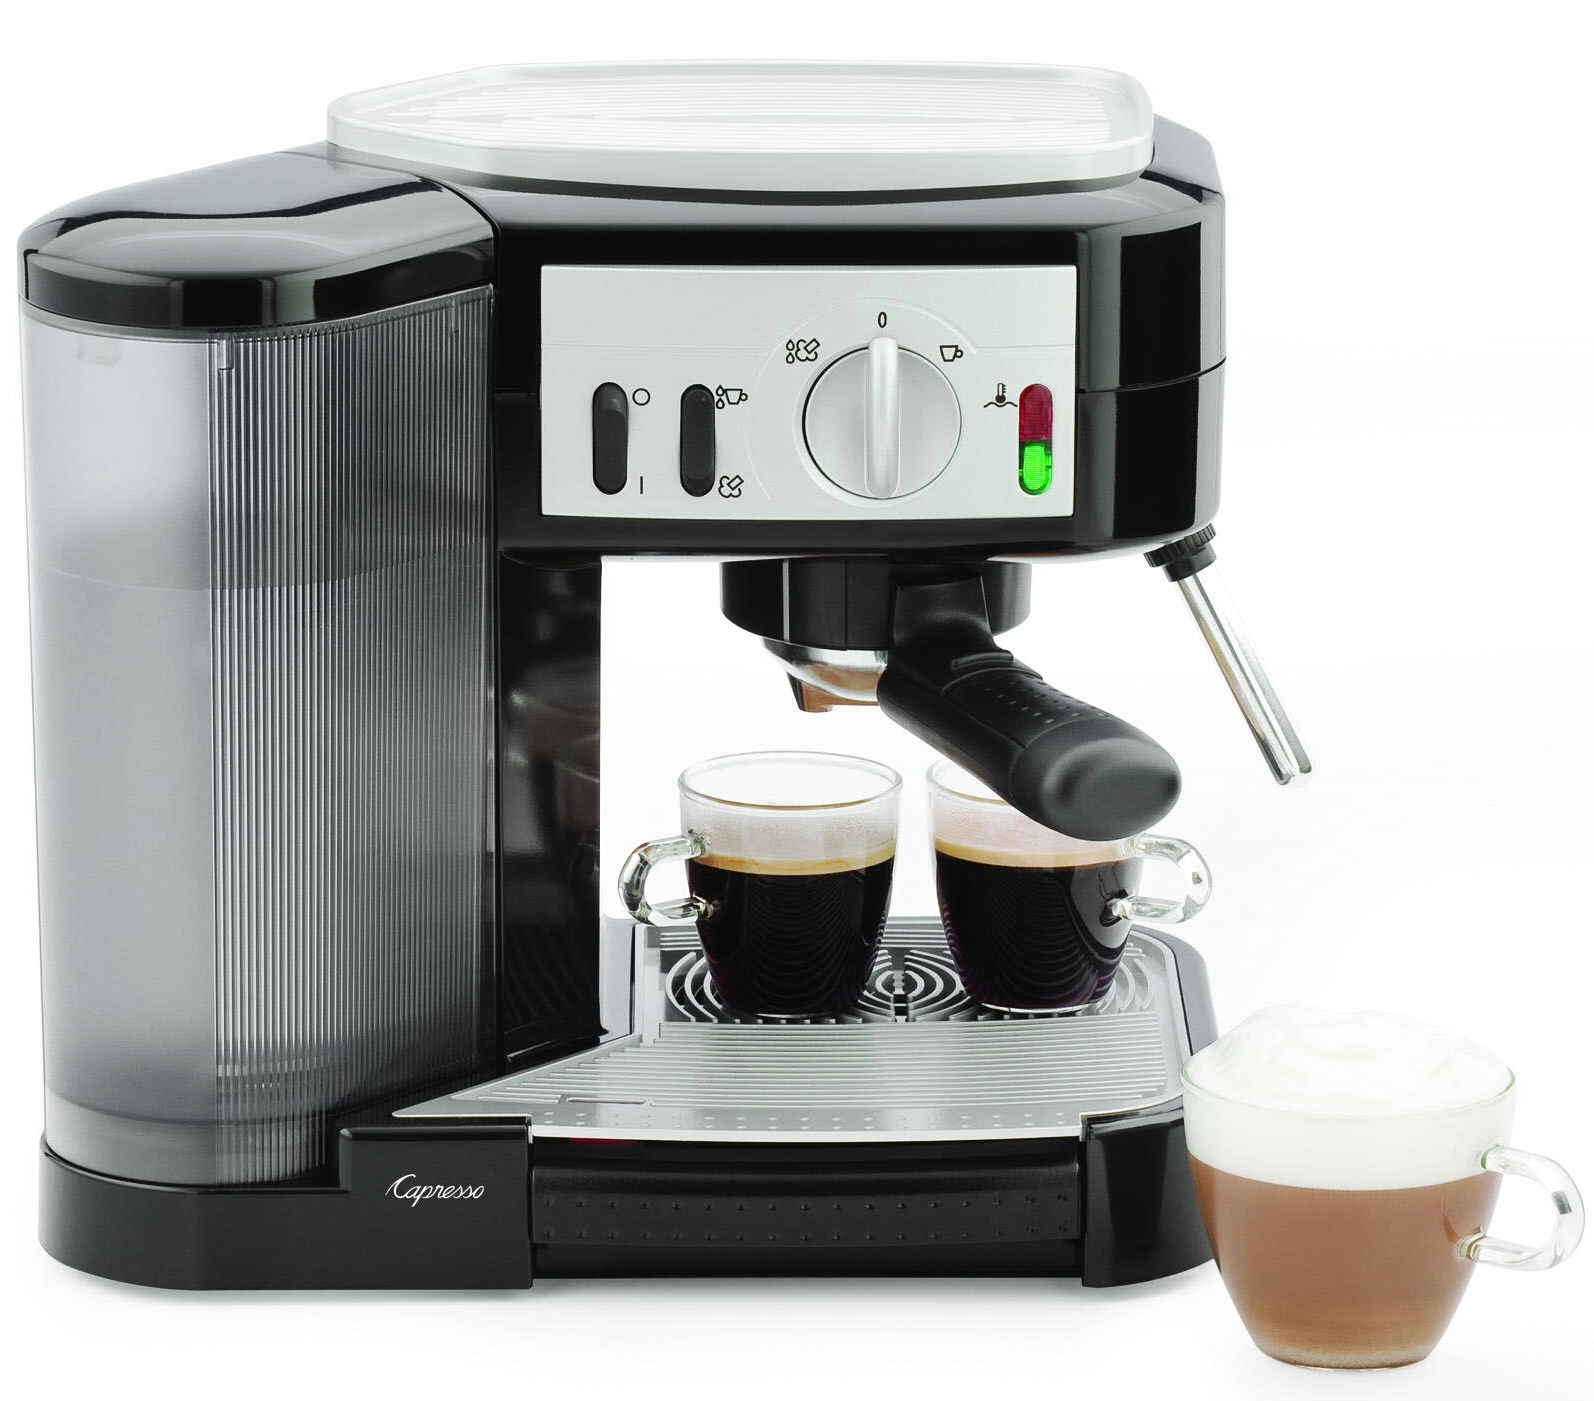 Capresso Café Black and Silver Espresso and Cappuccino Machine